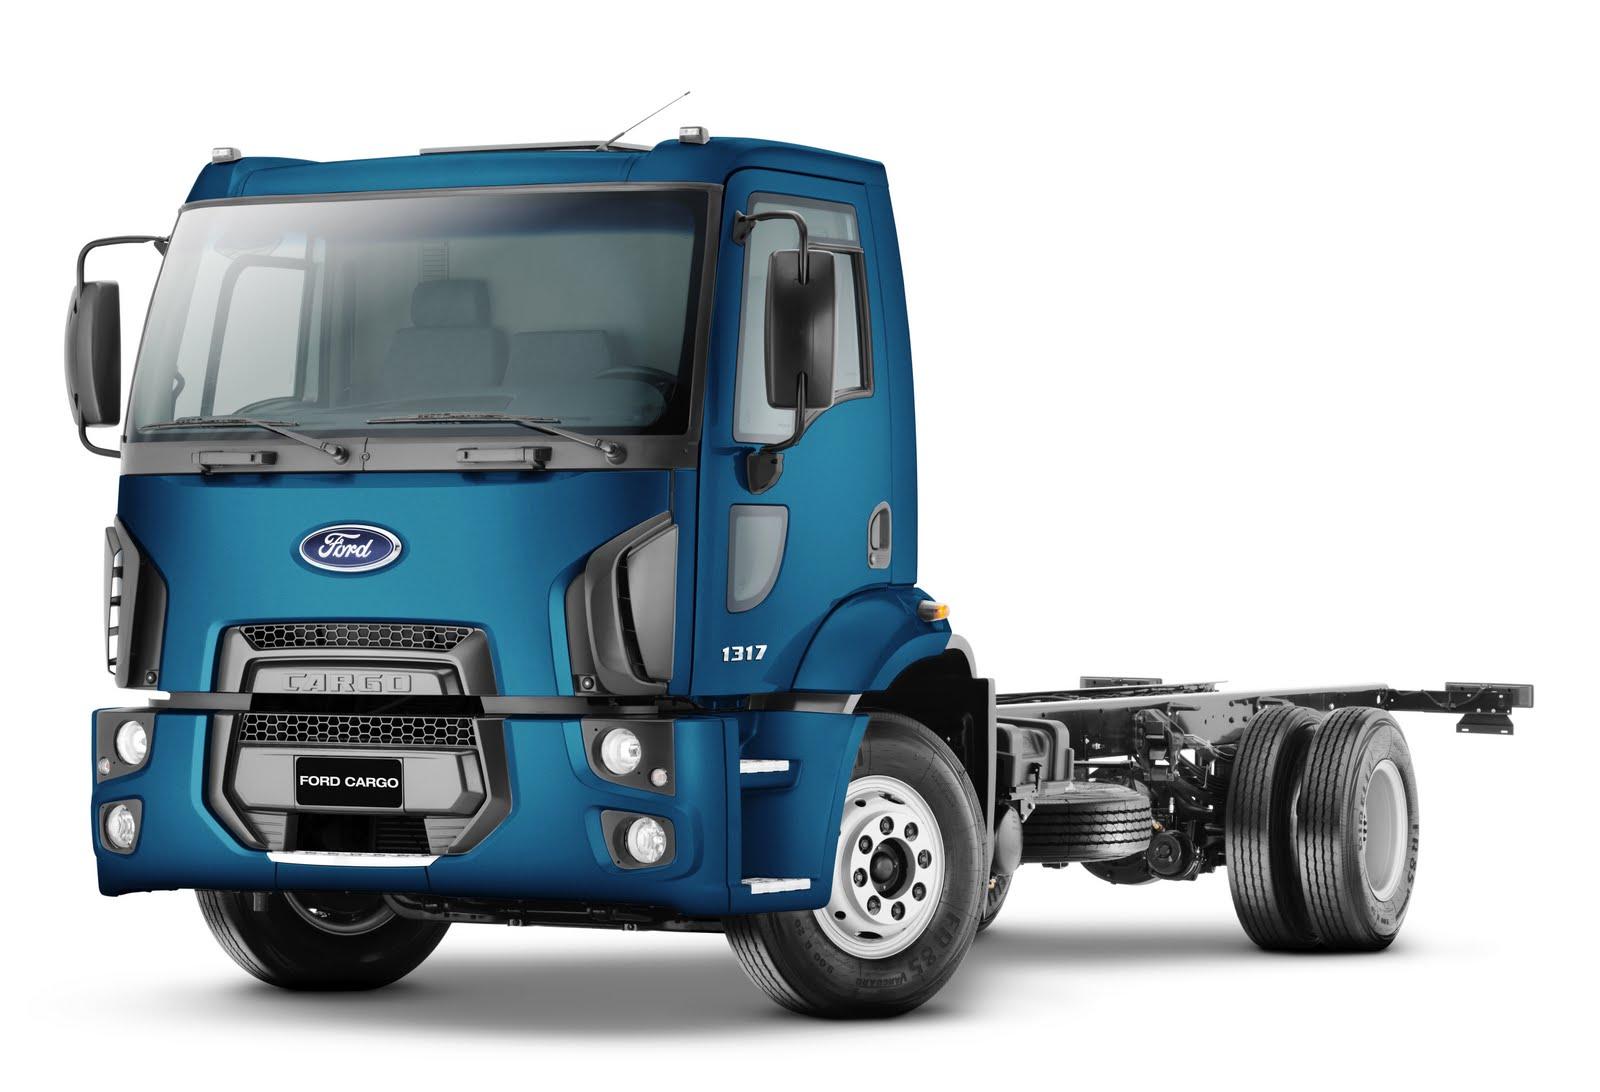 Nueva Linea De Camiones Ford Cargo 2012 Vision Auto